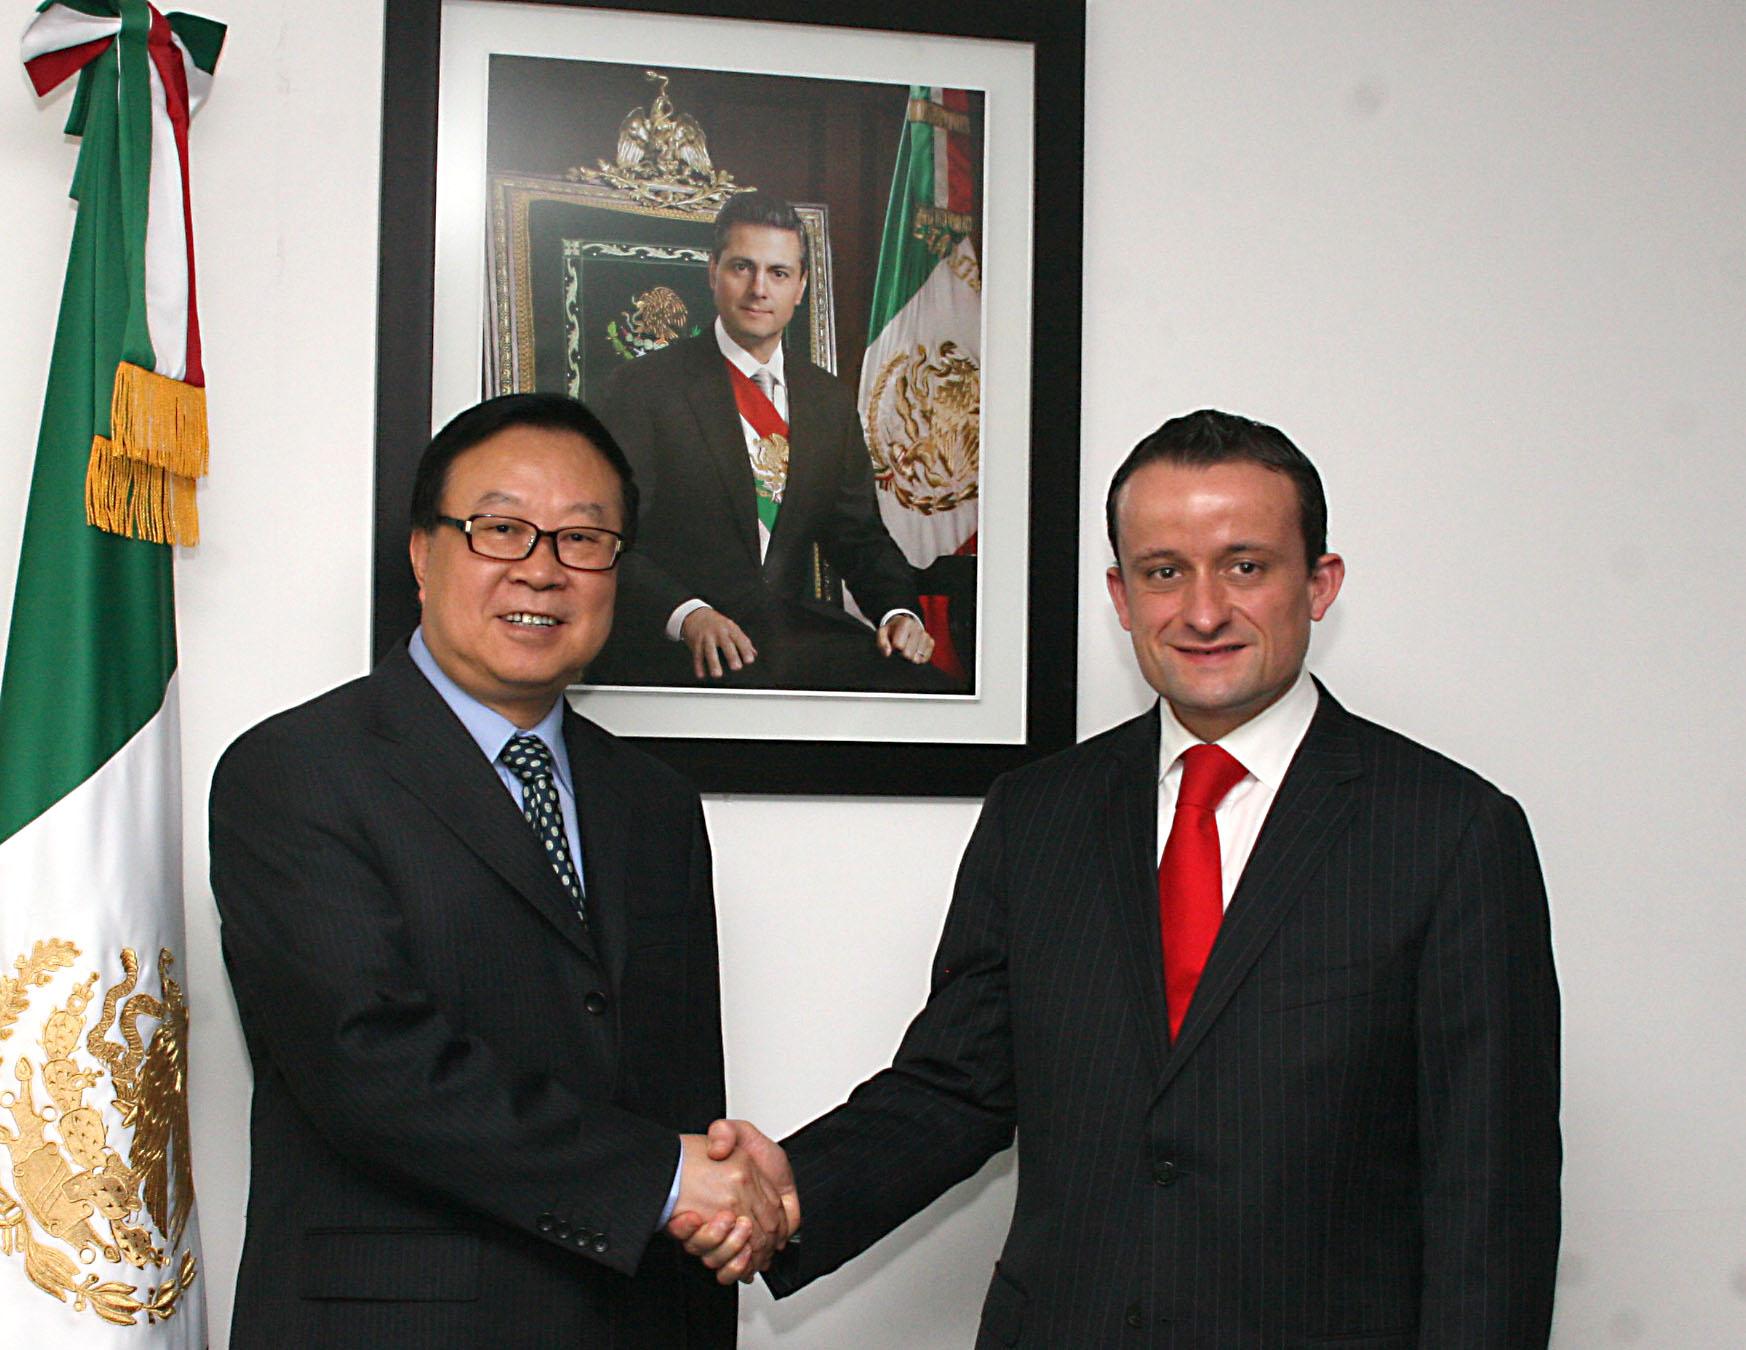 Las agencias sanitarias de México y China acuerdan fortalecer la cooperación